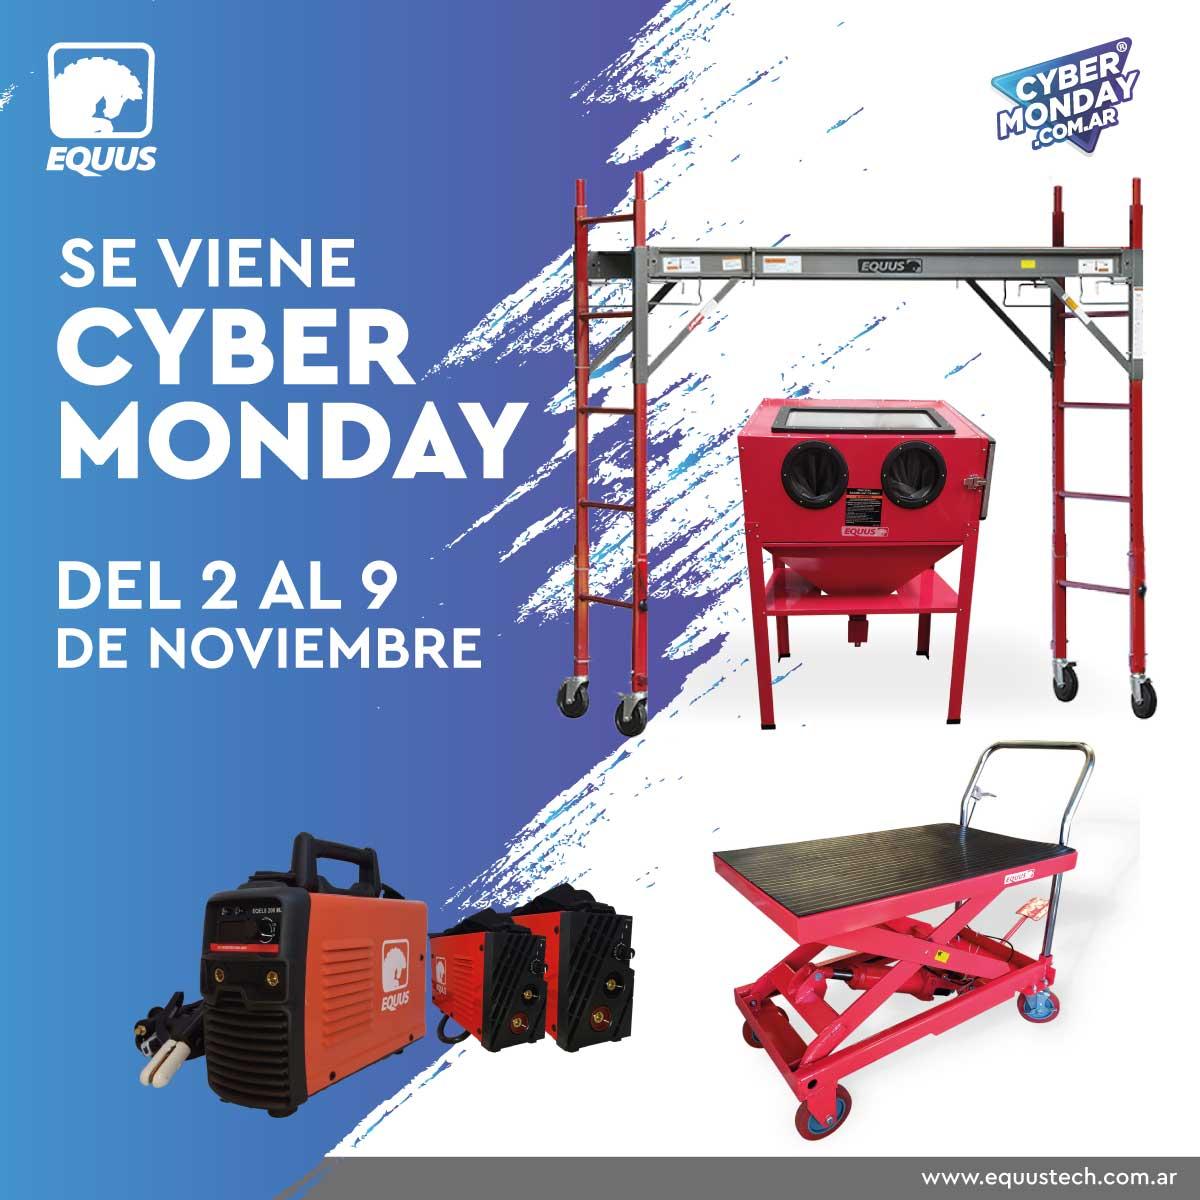 ¡El lunes empieza la MAYOR FIESTA DE DESCUENTOS! #CyberMonday!  Aprovecha todos los descuentos en https://t.co/YjUpQoIFQw  #cybermonday #ofertas #argentina https://t.co/B4TXqB8E7C